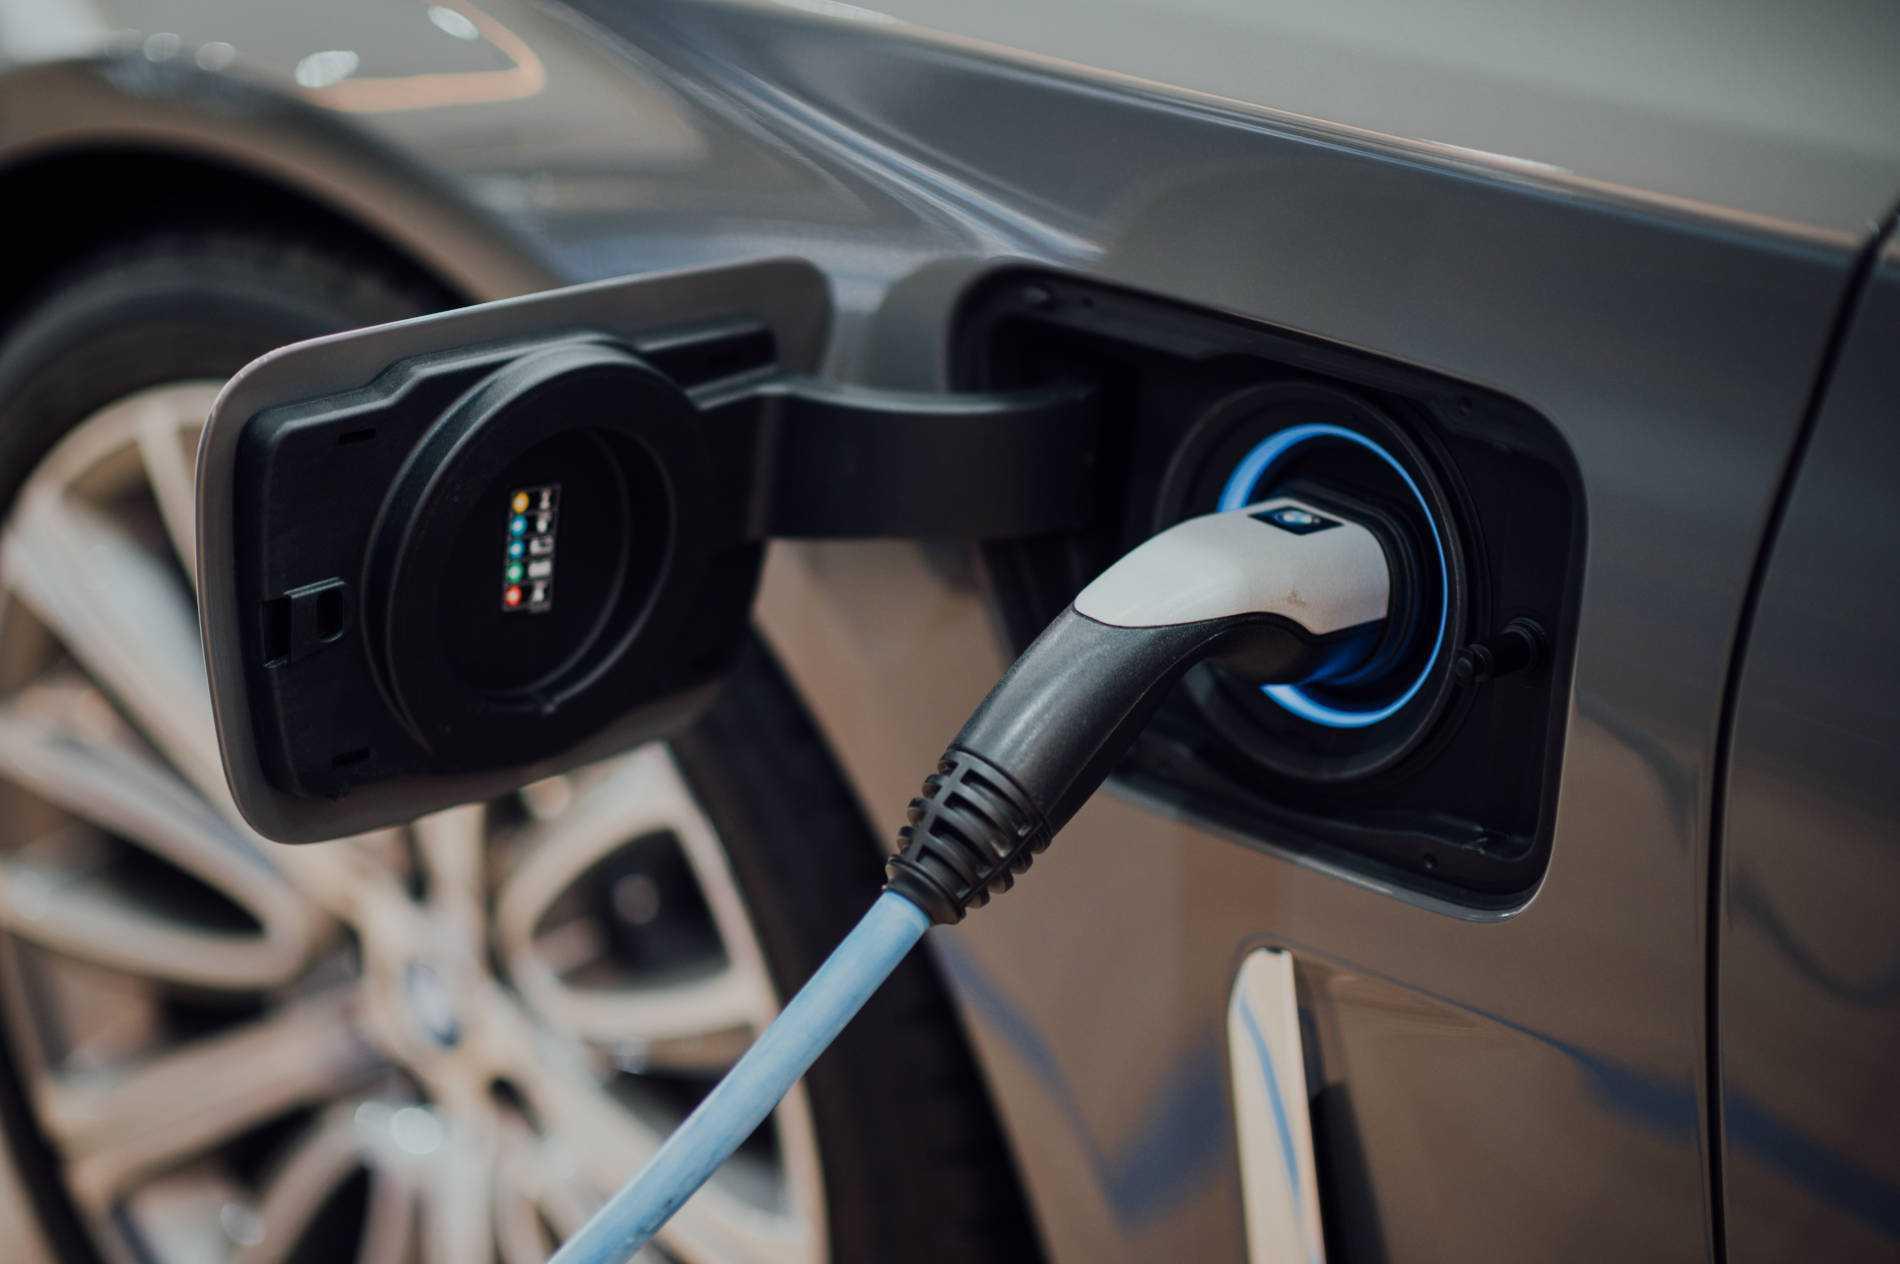 Voitures électriques: comment trouver la borne de recharge la plus proche